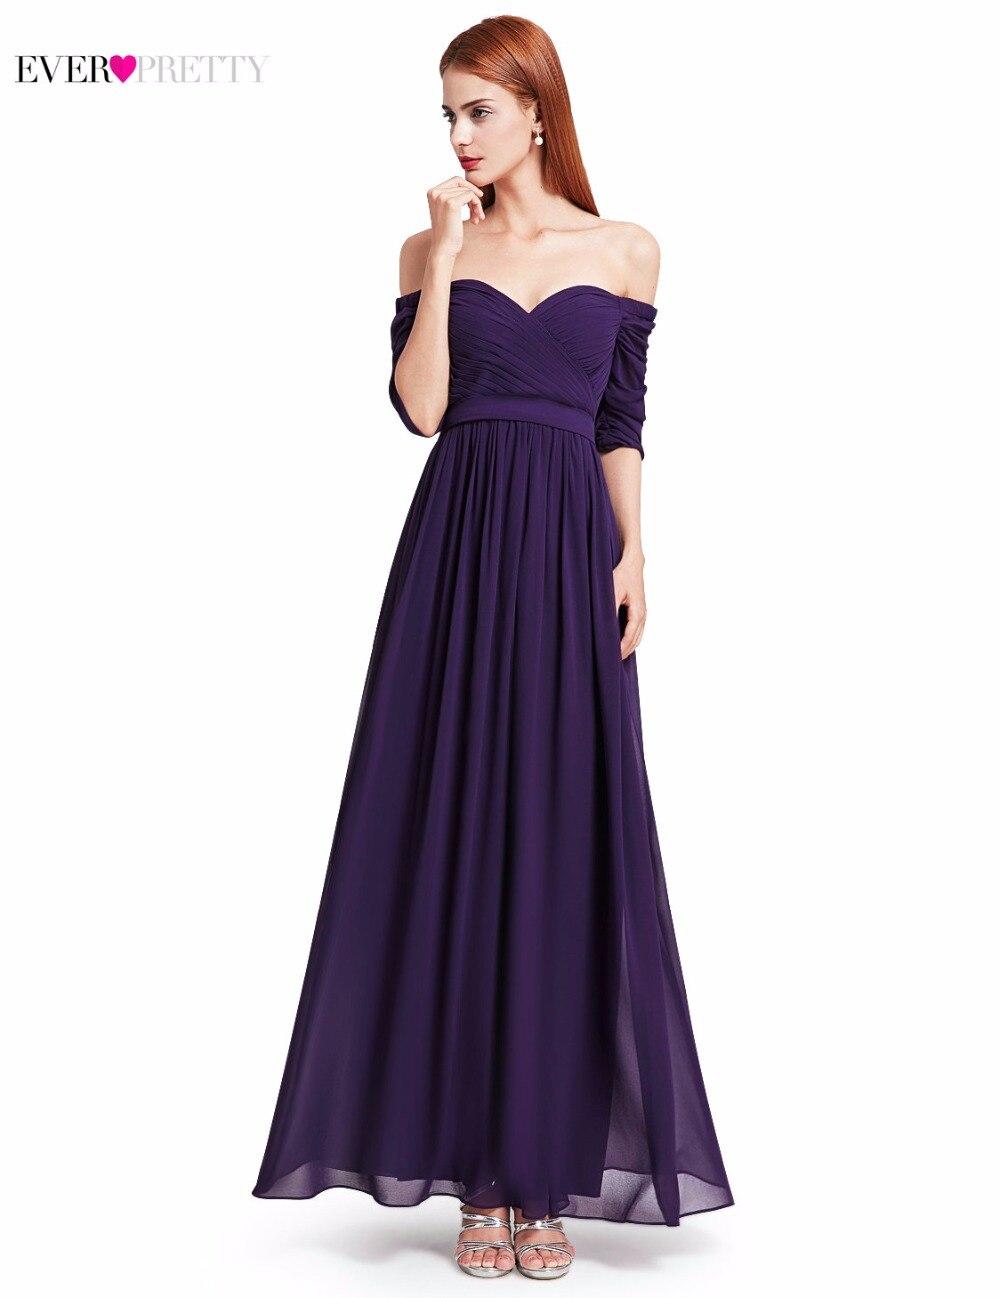 Off the Shoulder Long Evening Dress